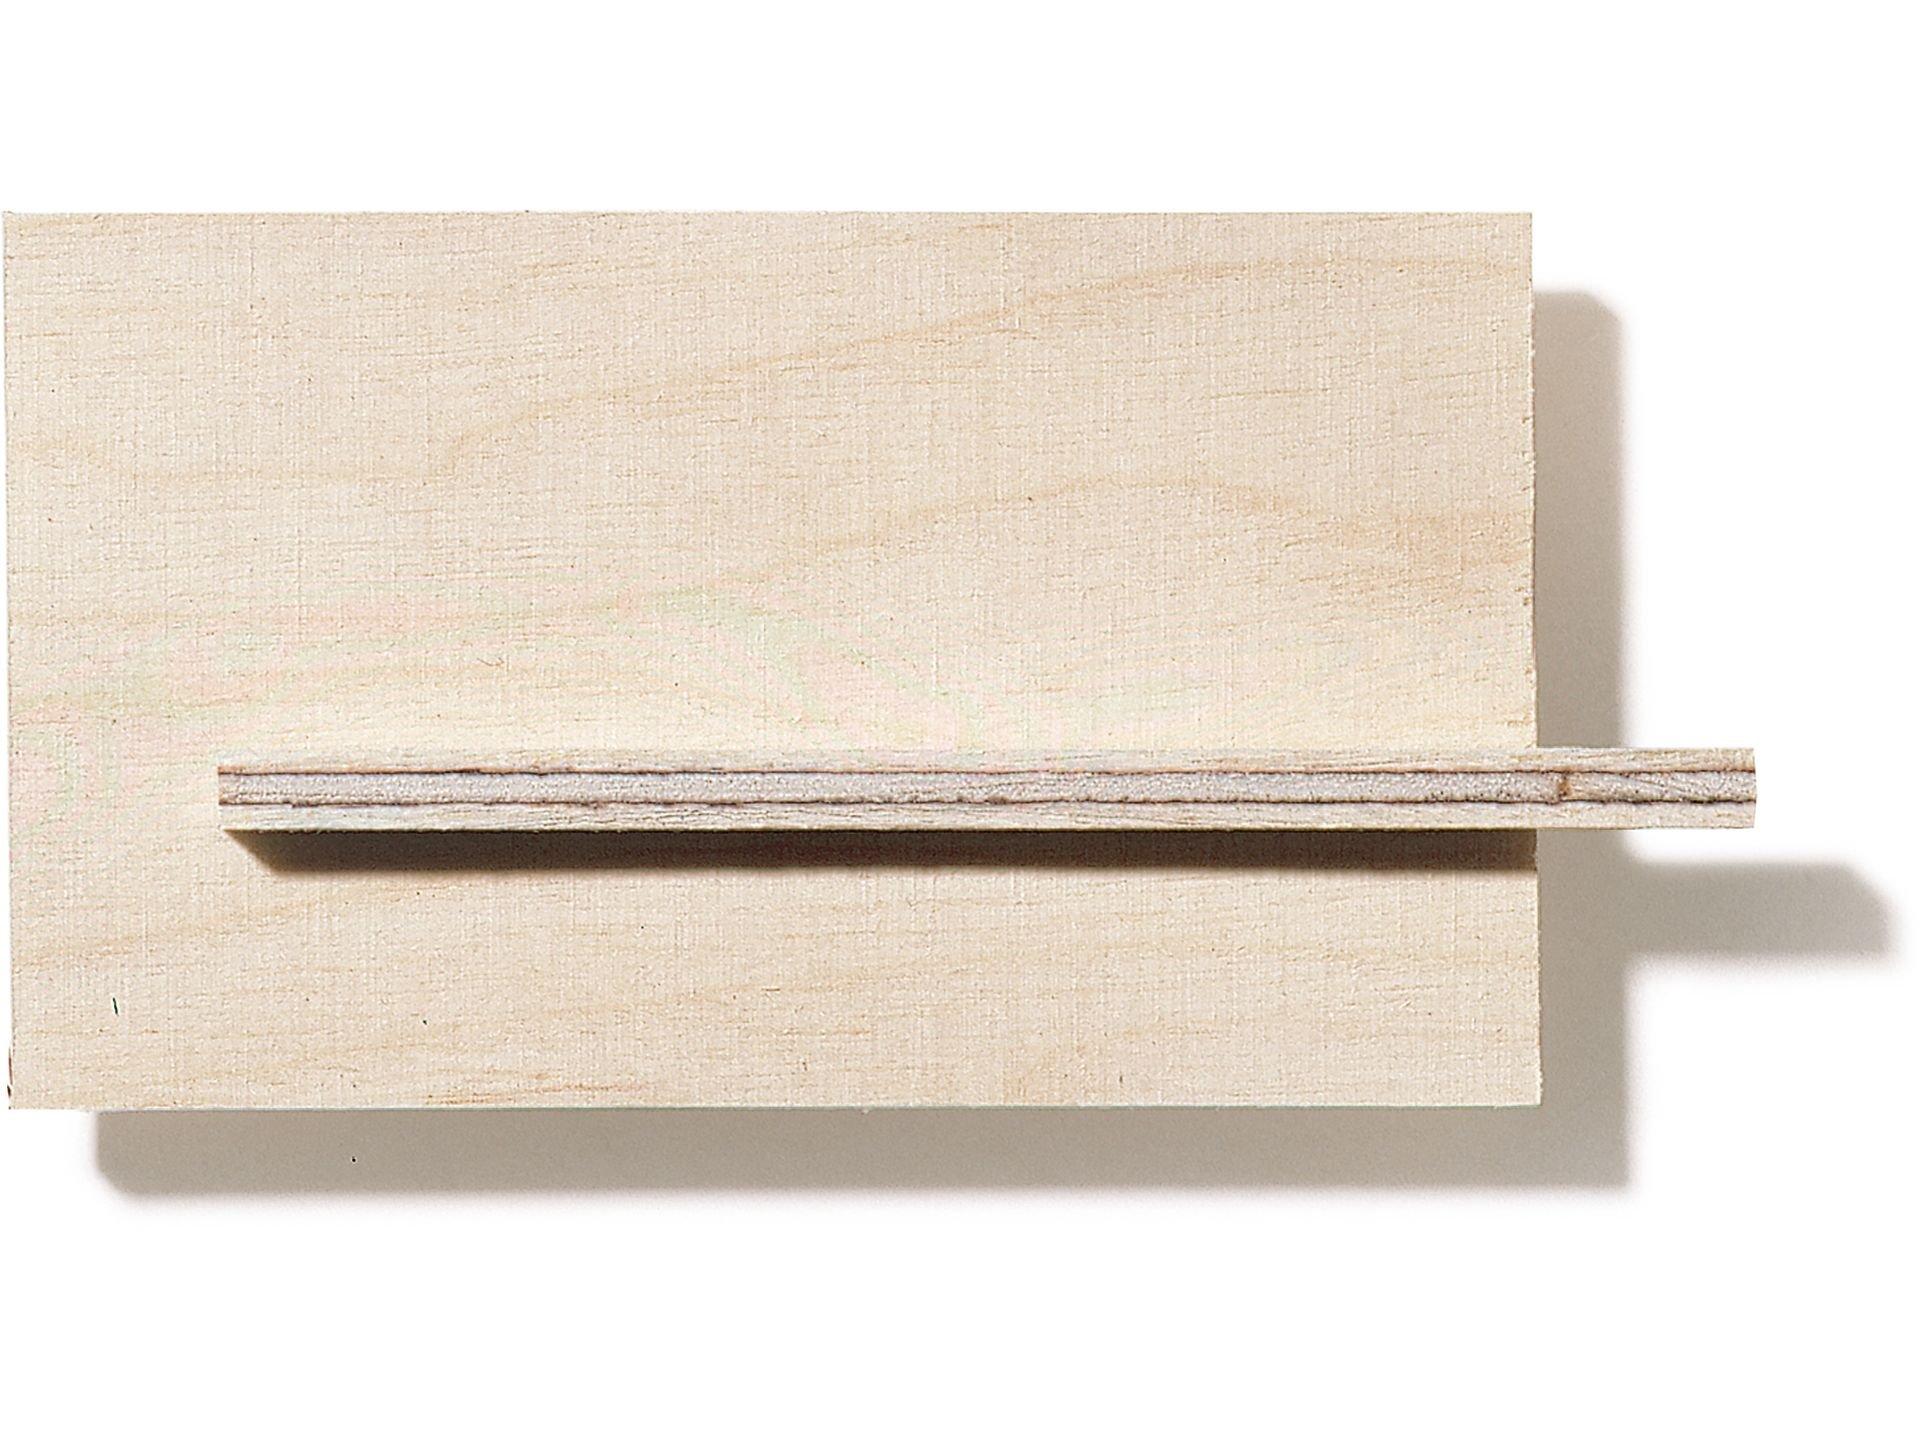 birke sperrholz im zuschnitt online kaufen modulor. Black Bedroom Furniture Sets. Home Design Ideas